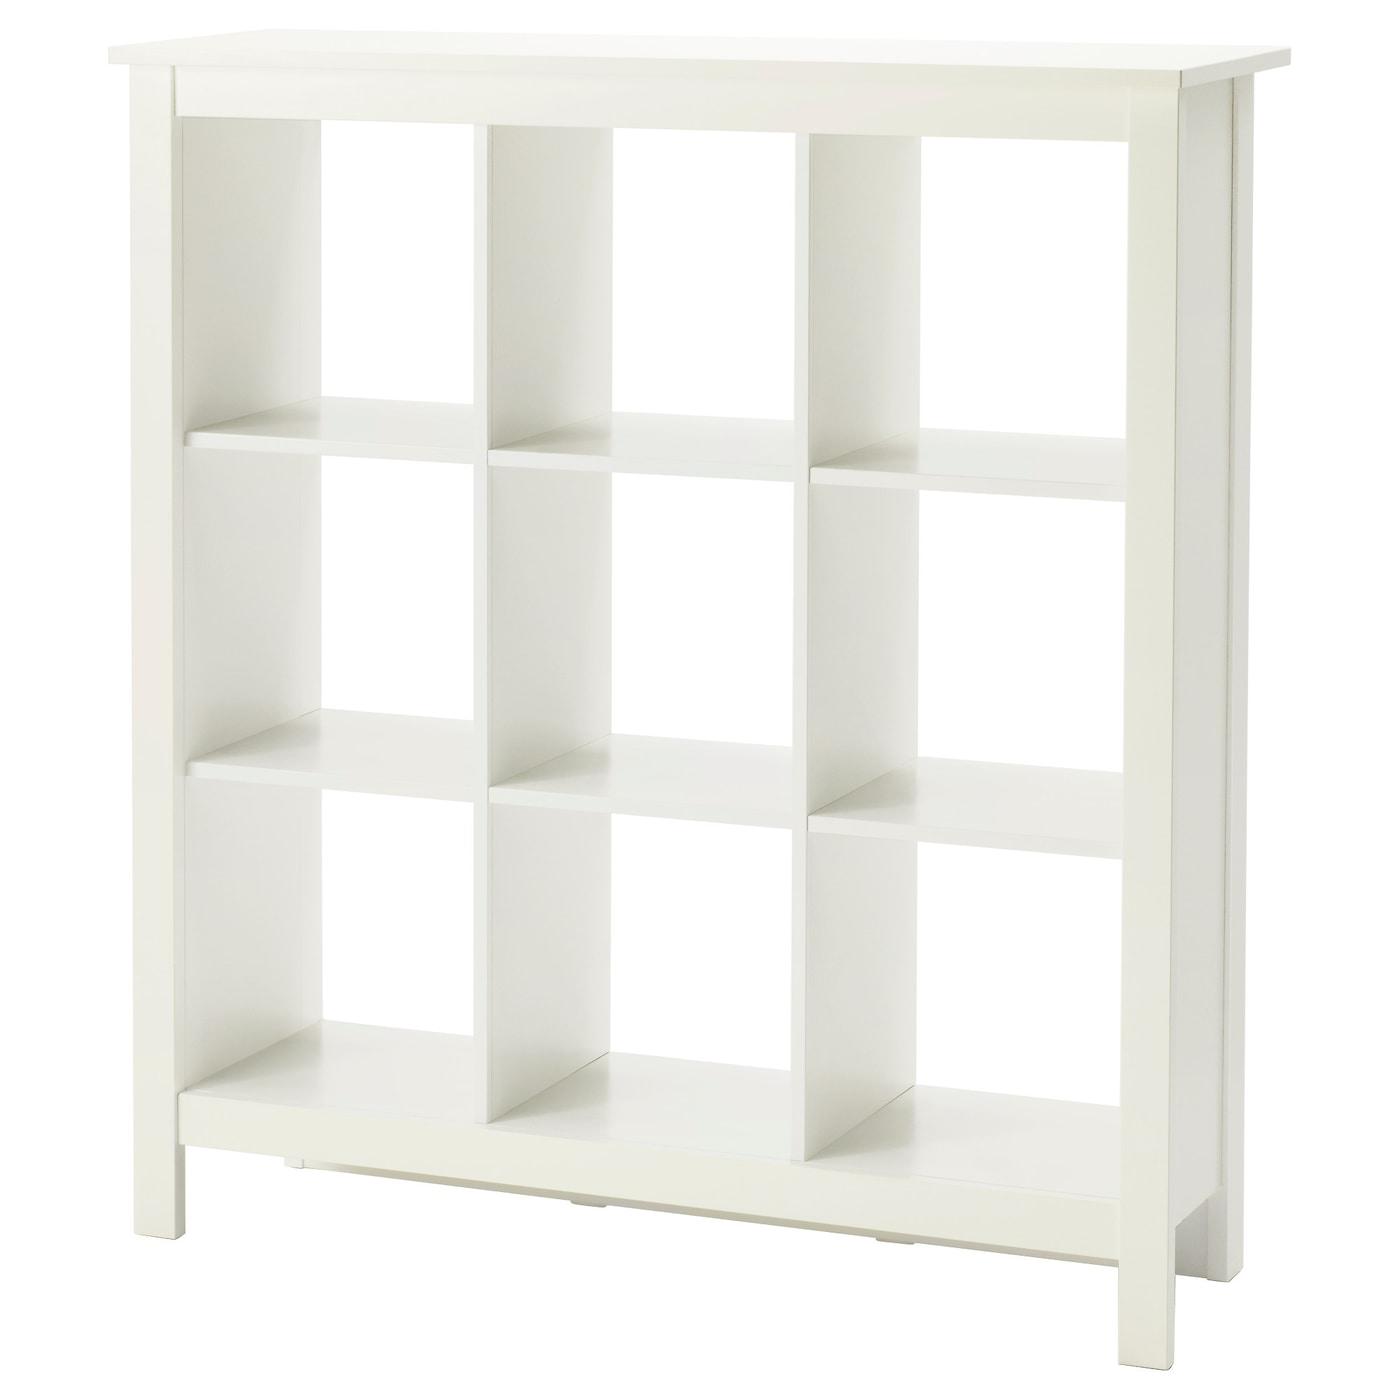 plete Shelves